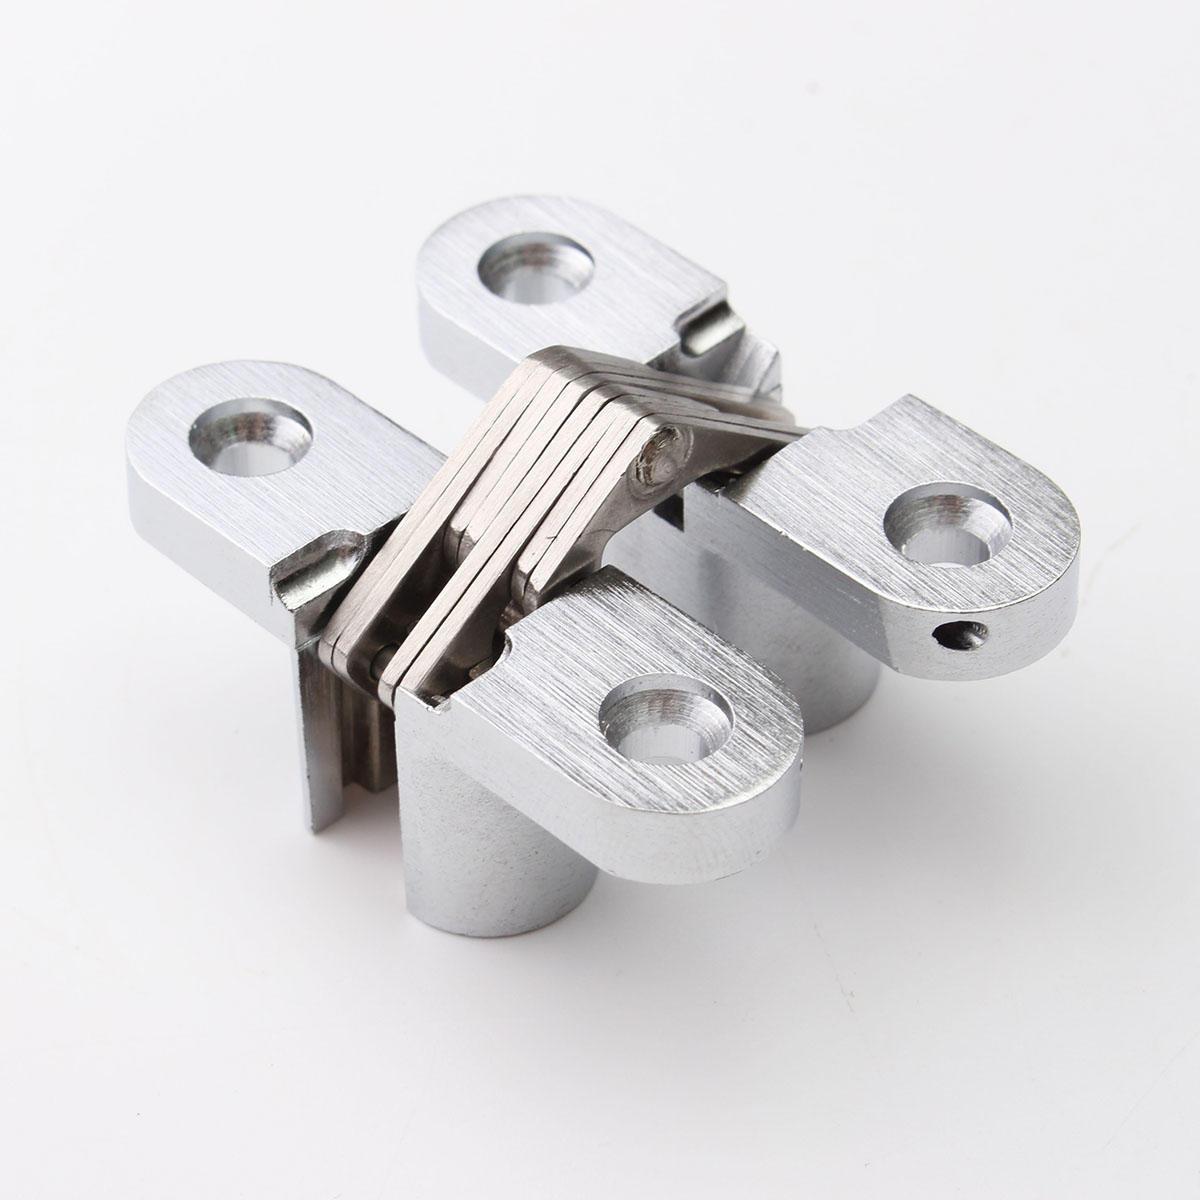 MTGATHER нержавеющая сталь 304 скрытые петли 13x45MM невидимый скрытого крест дверных петель подш... скрытые петли в спб